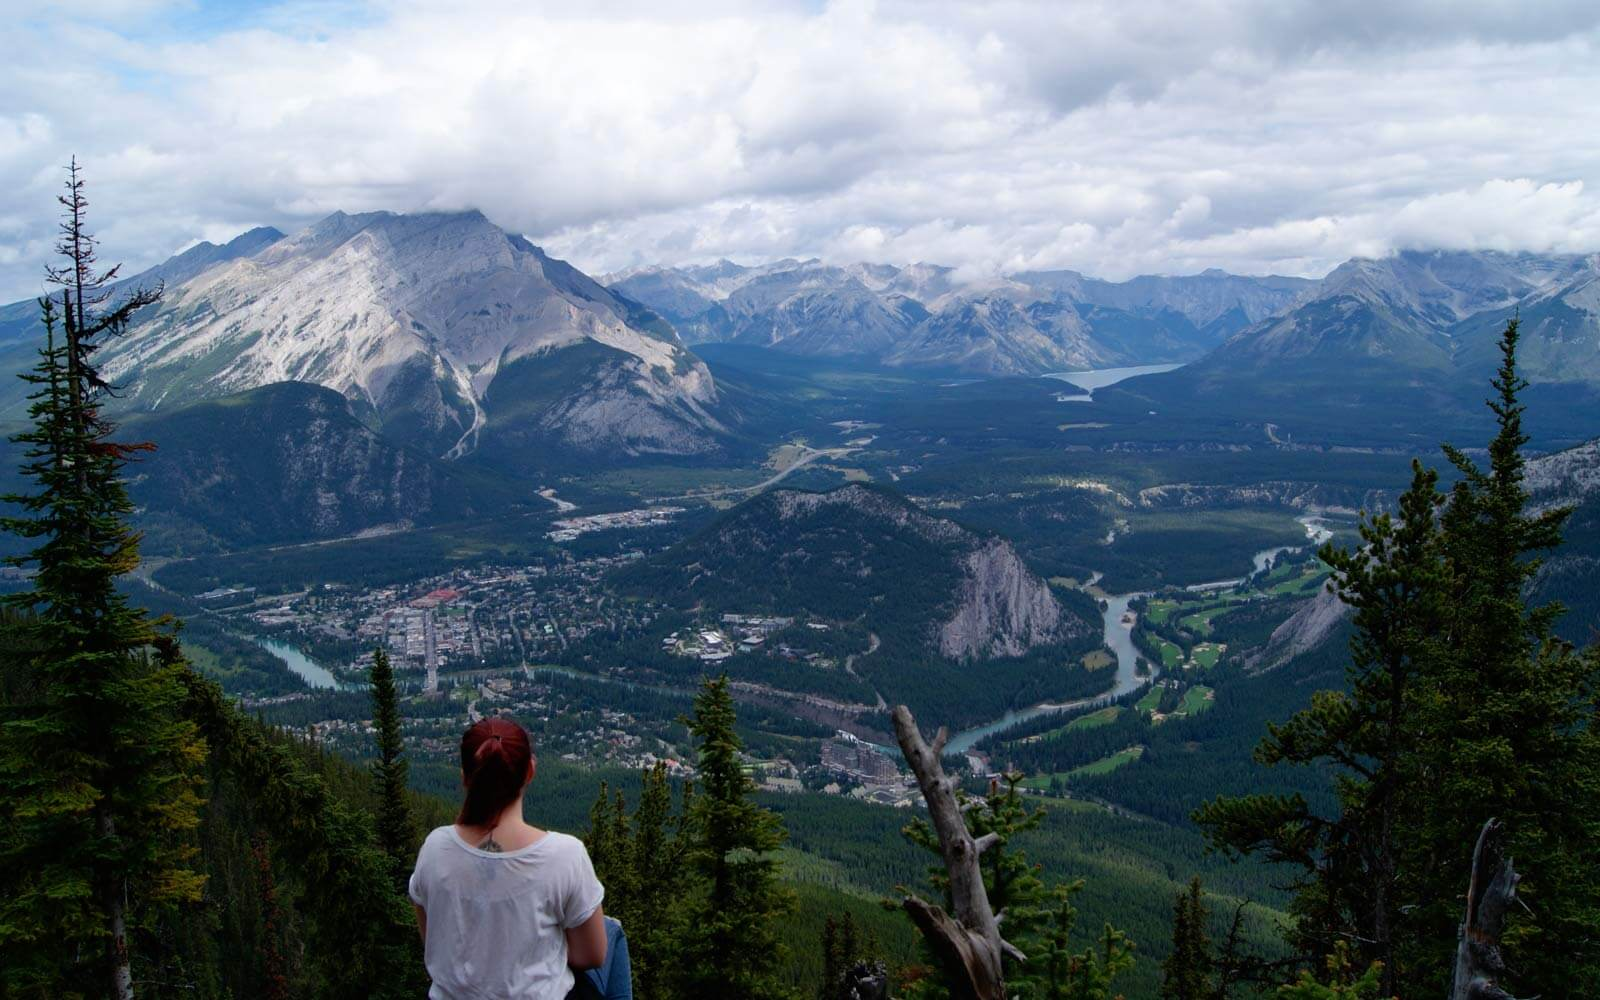 Denise genießt die Aussicht auf die Berge am Sulphur Mountain Trail in Kanada